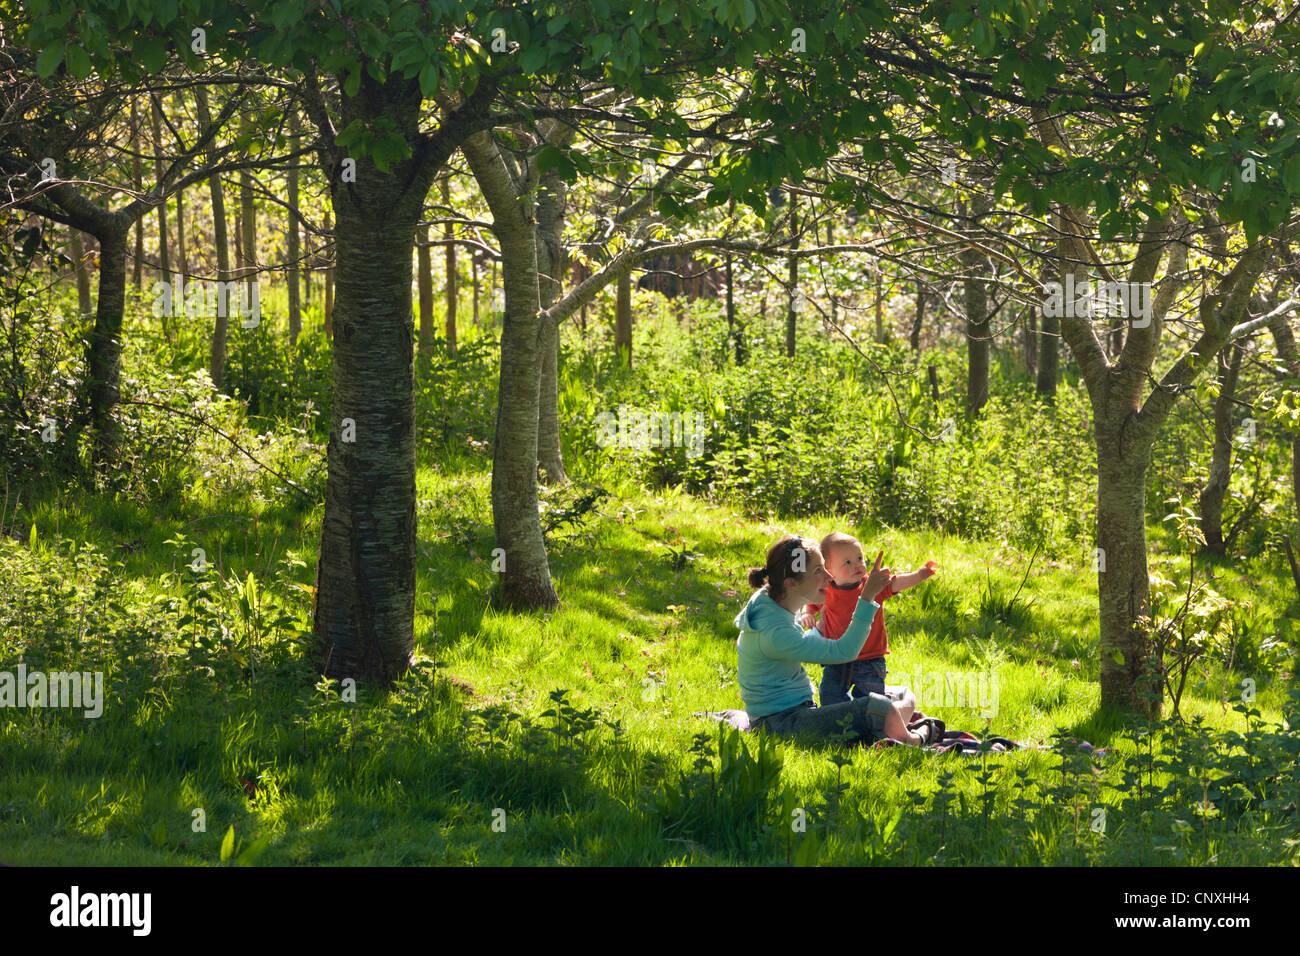 Jeune mère et curieux petit garçon âgé d'un an dans un bois, bois Cutteridge, Devon, Angleterre. Photo Stock